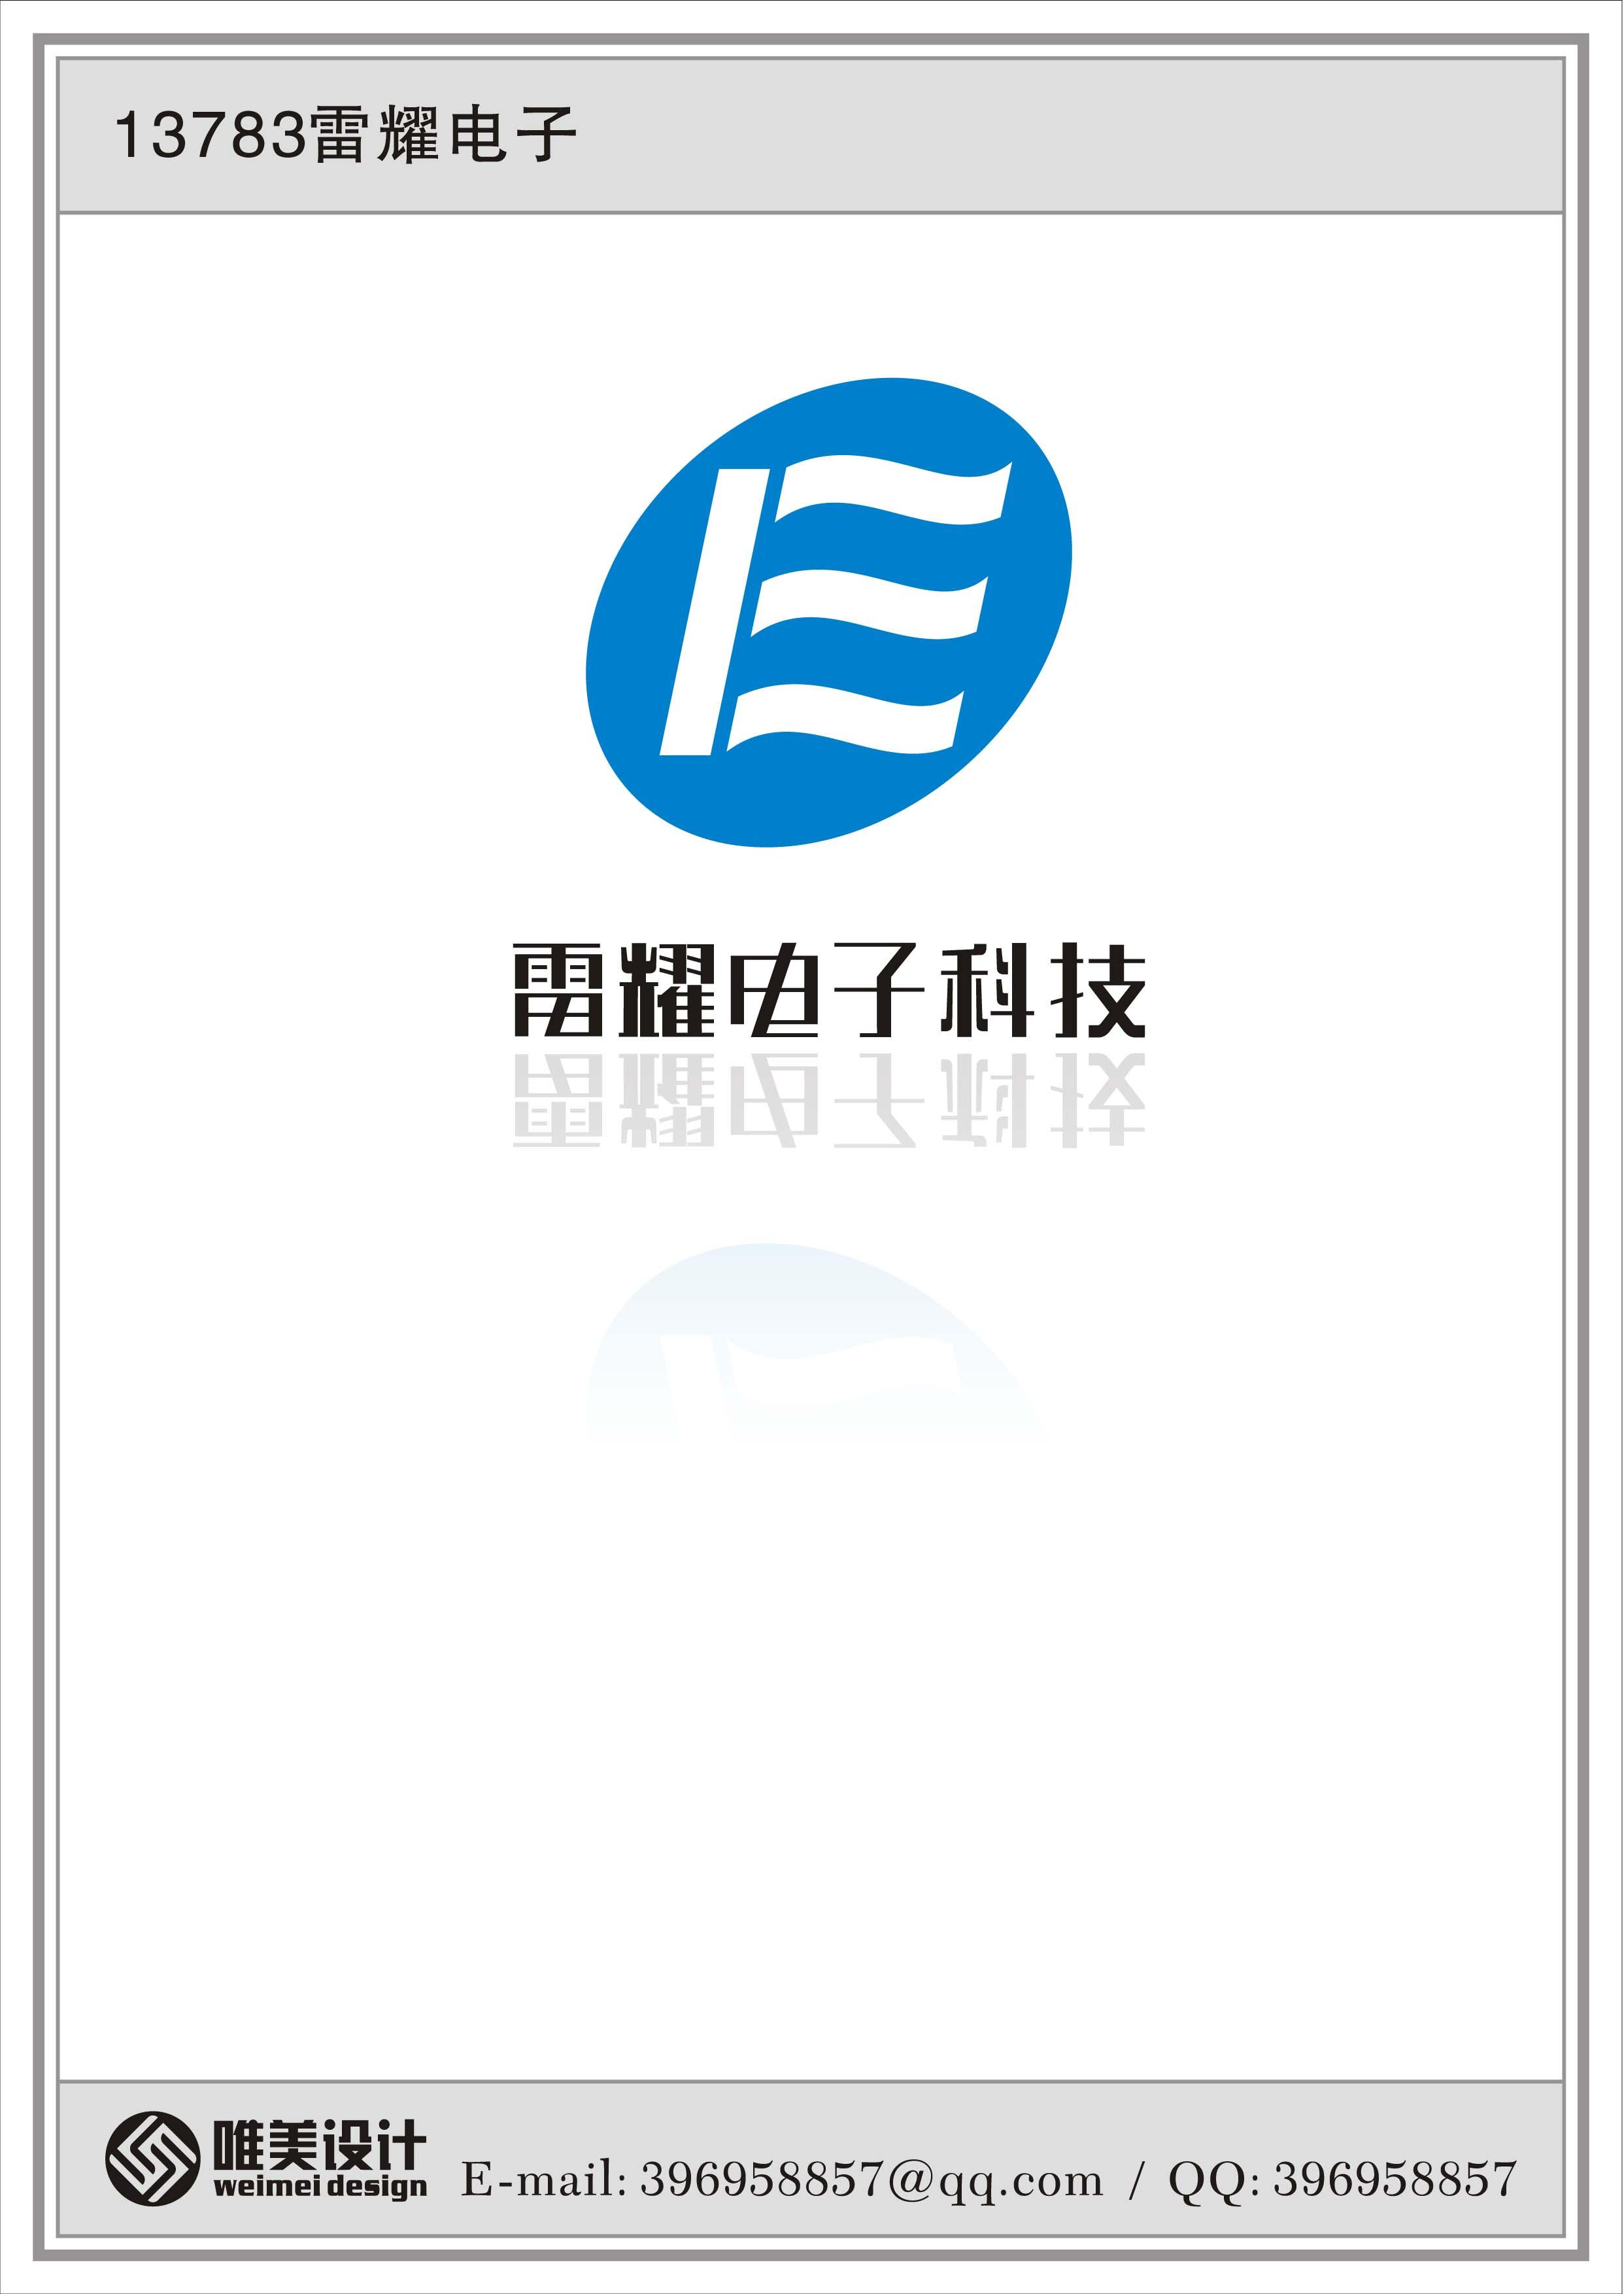 公司logo设计及简介书封面设计等